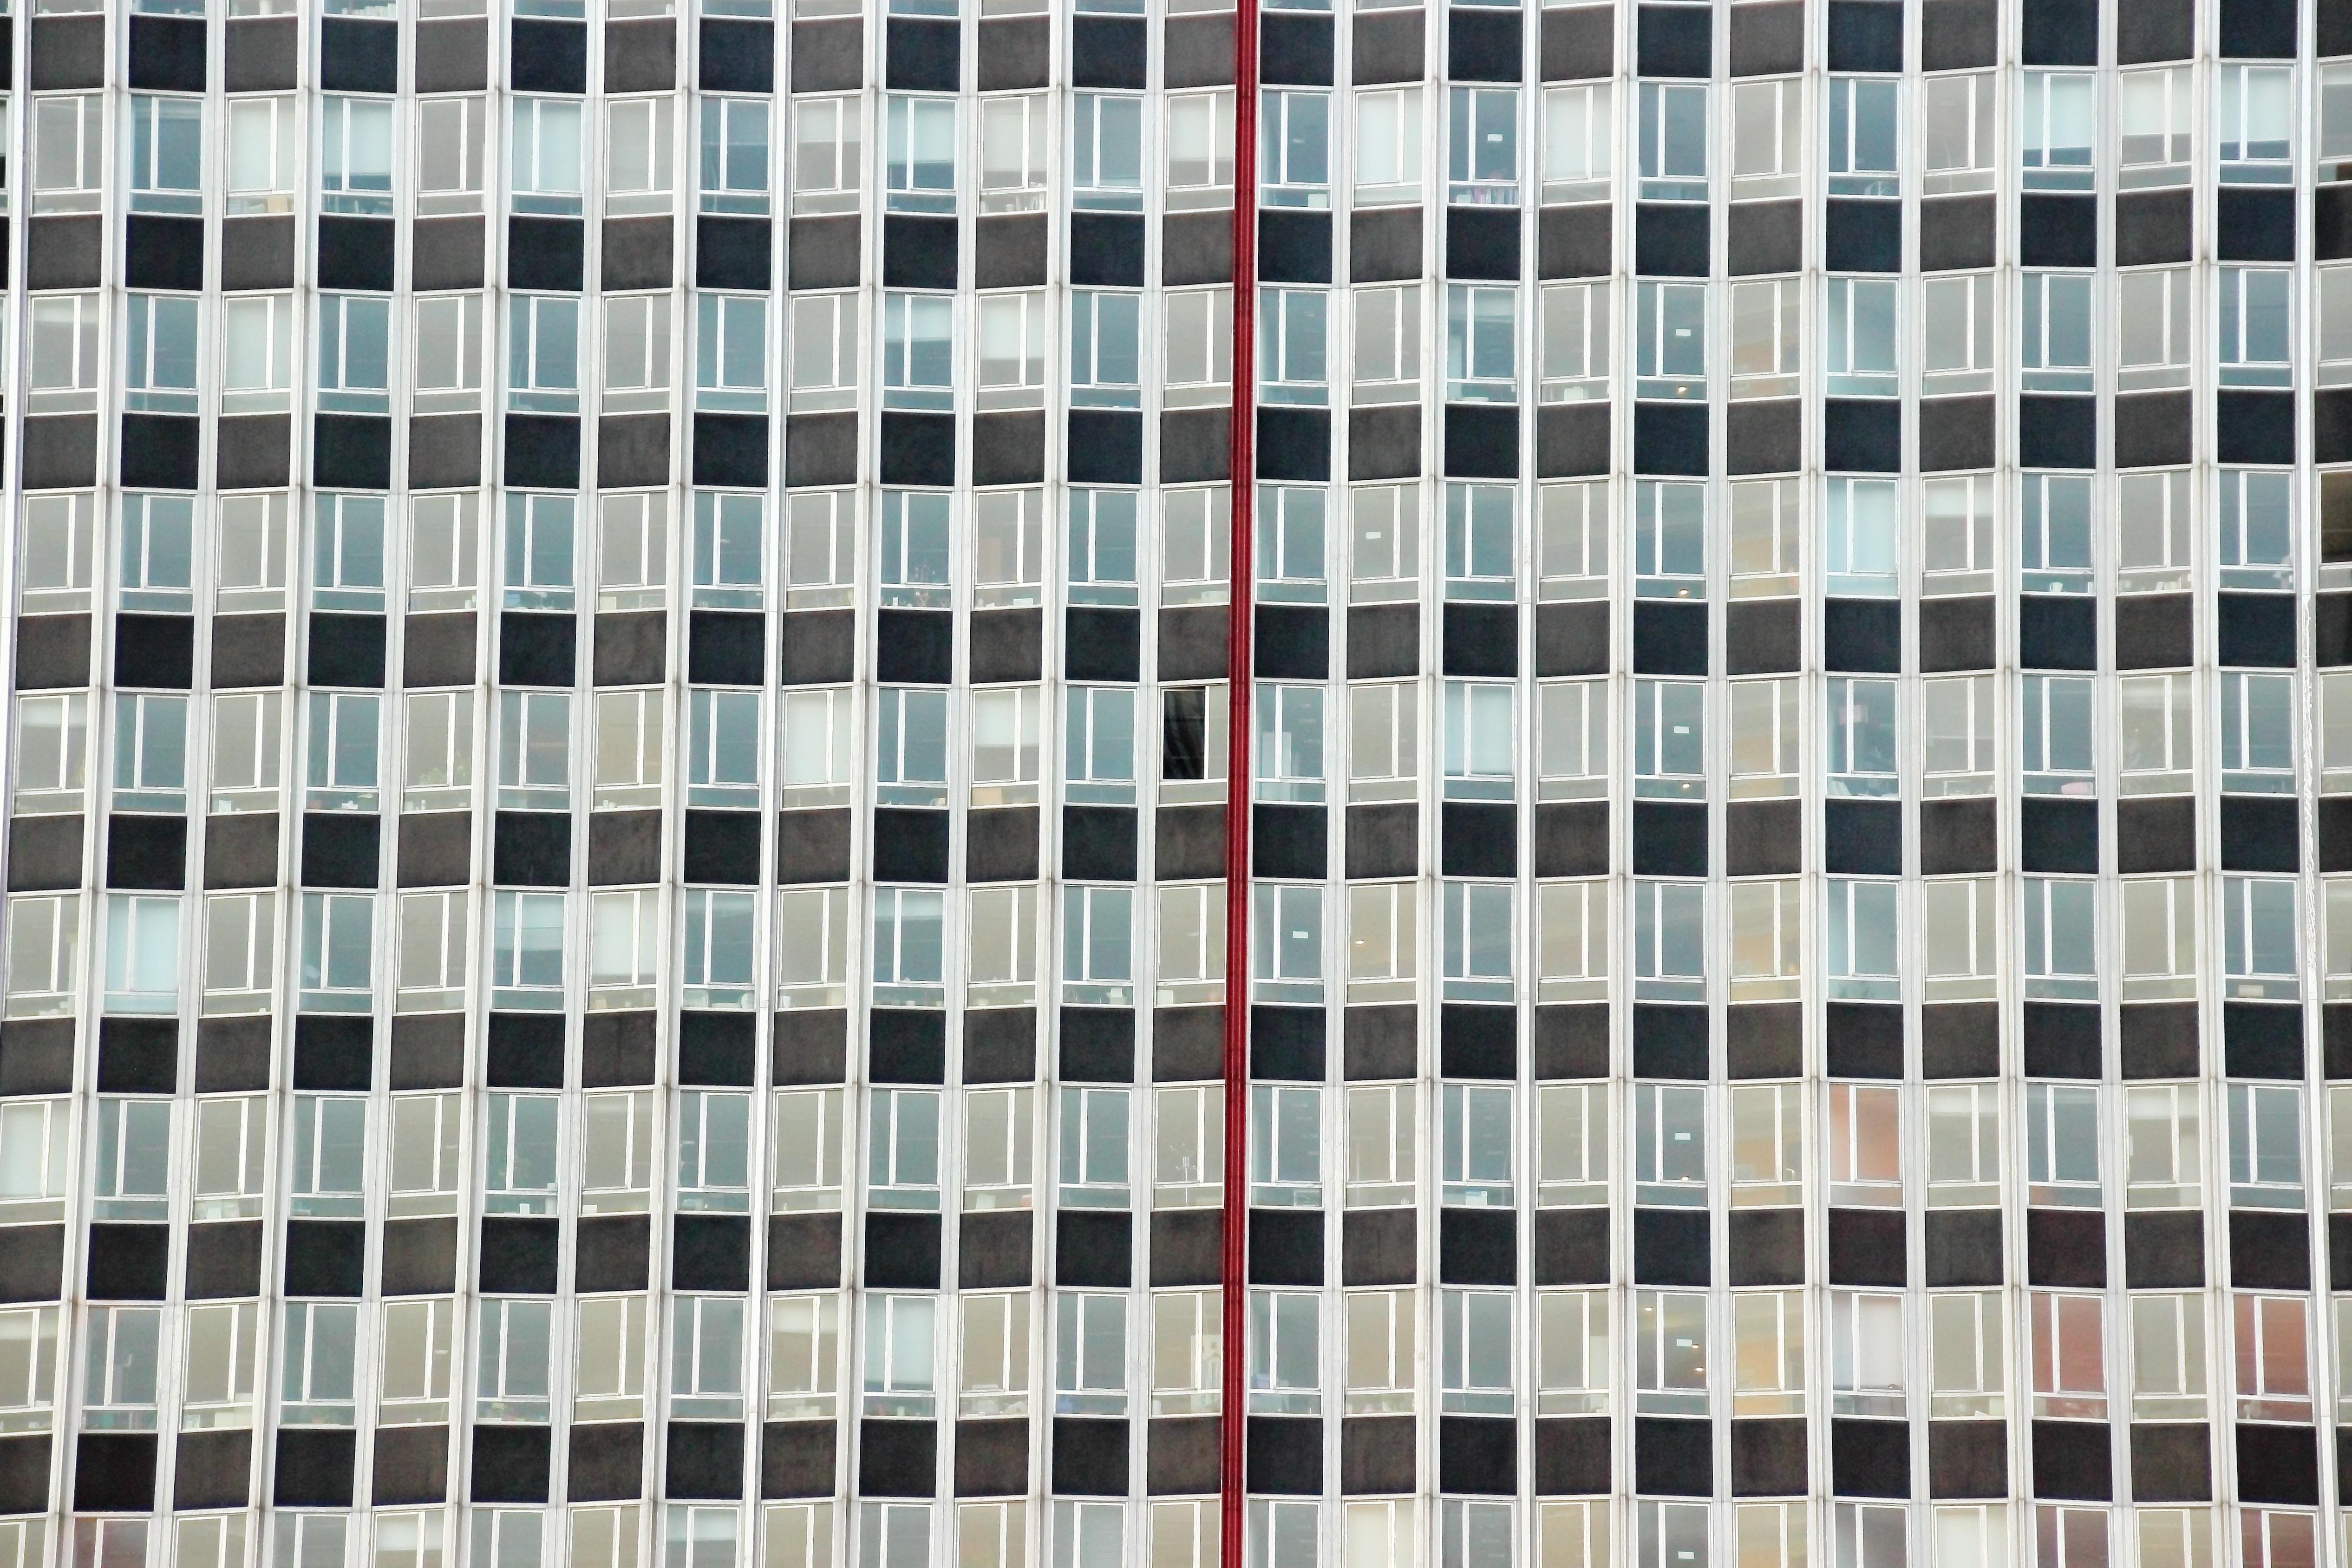 Images gratuites architecture sol verre b timent gratte ciel